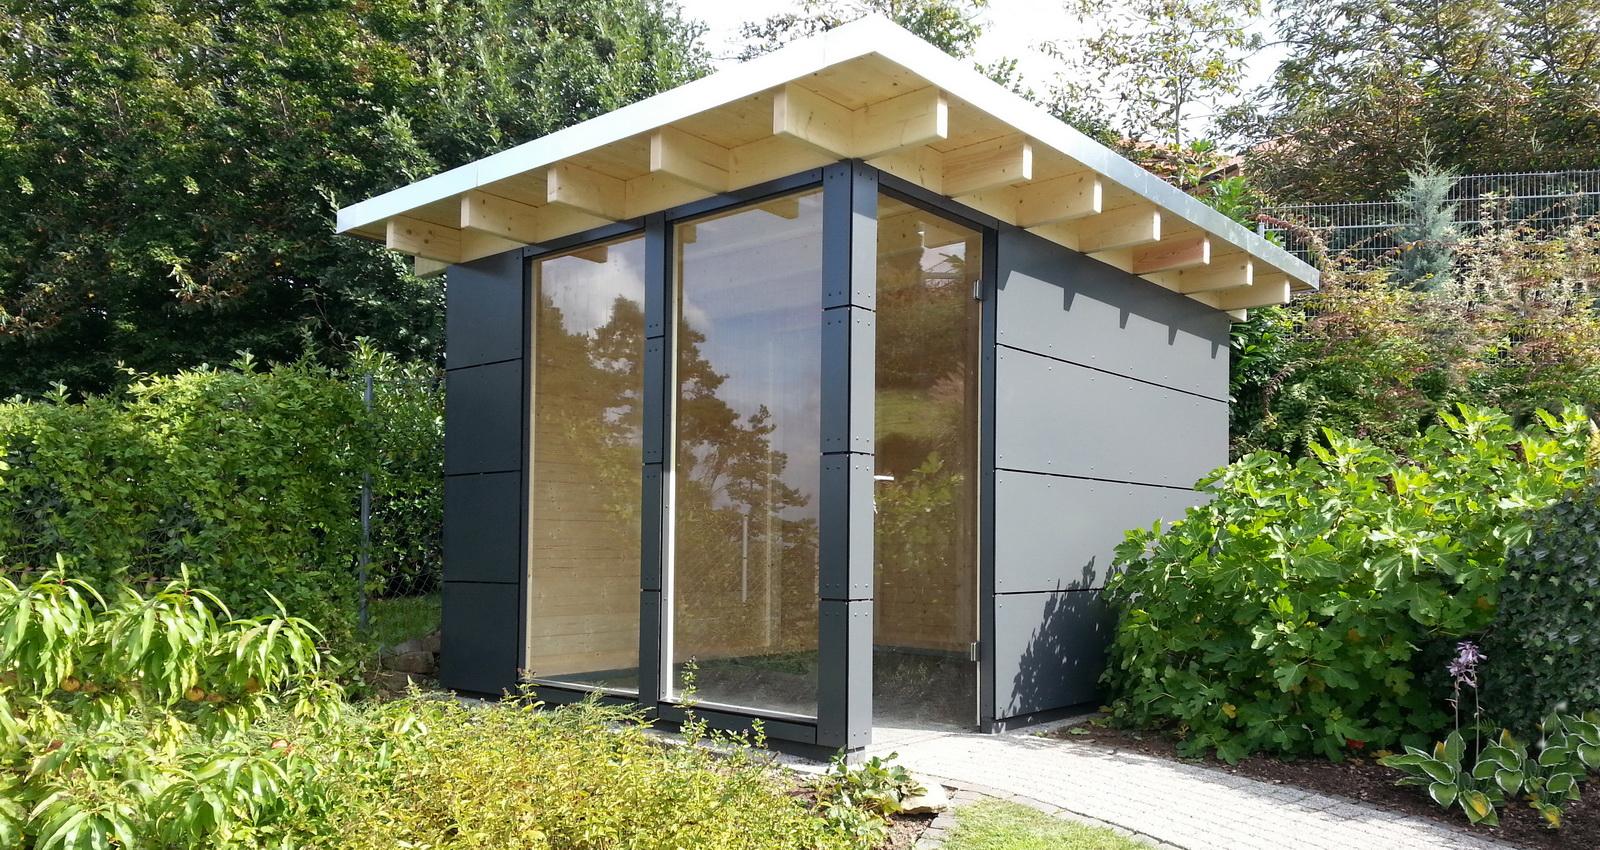 Modernes Gartenhaus design gartenhaus das flachdach gartenhaus gerätehaus